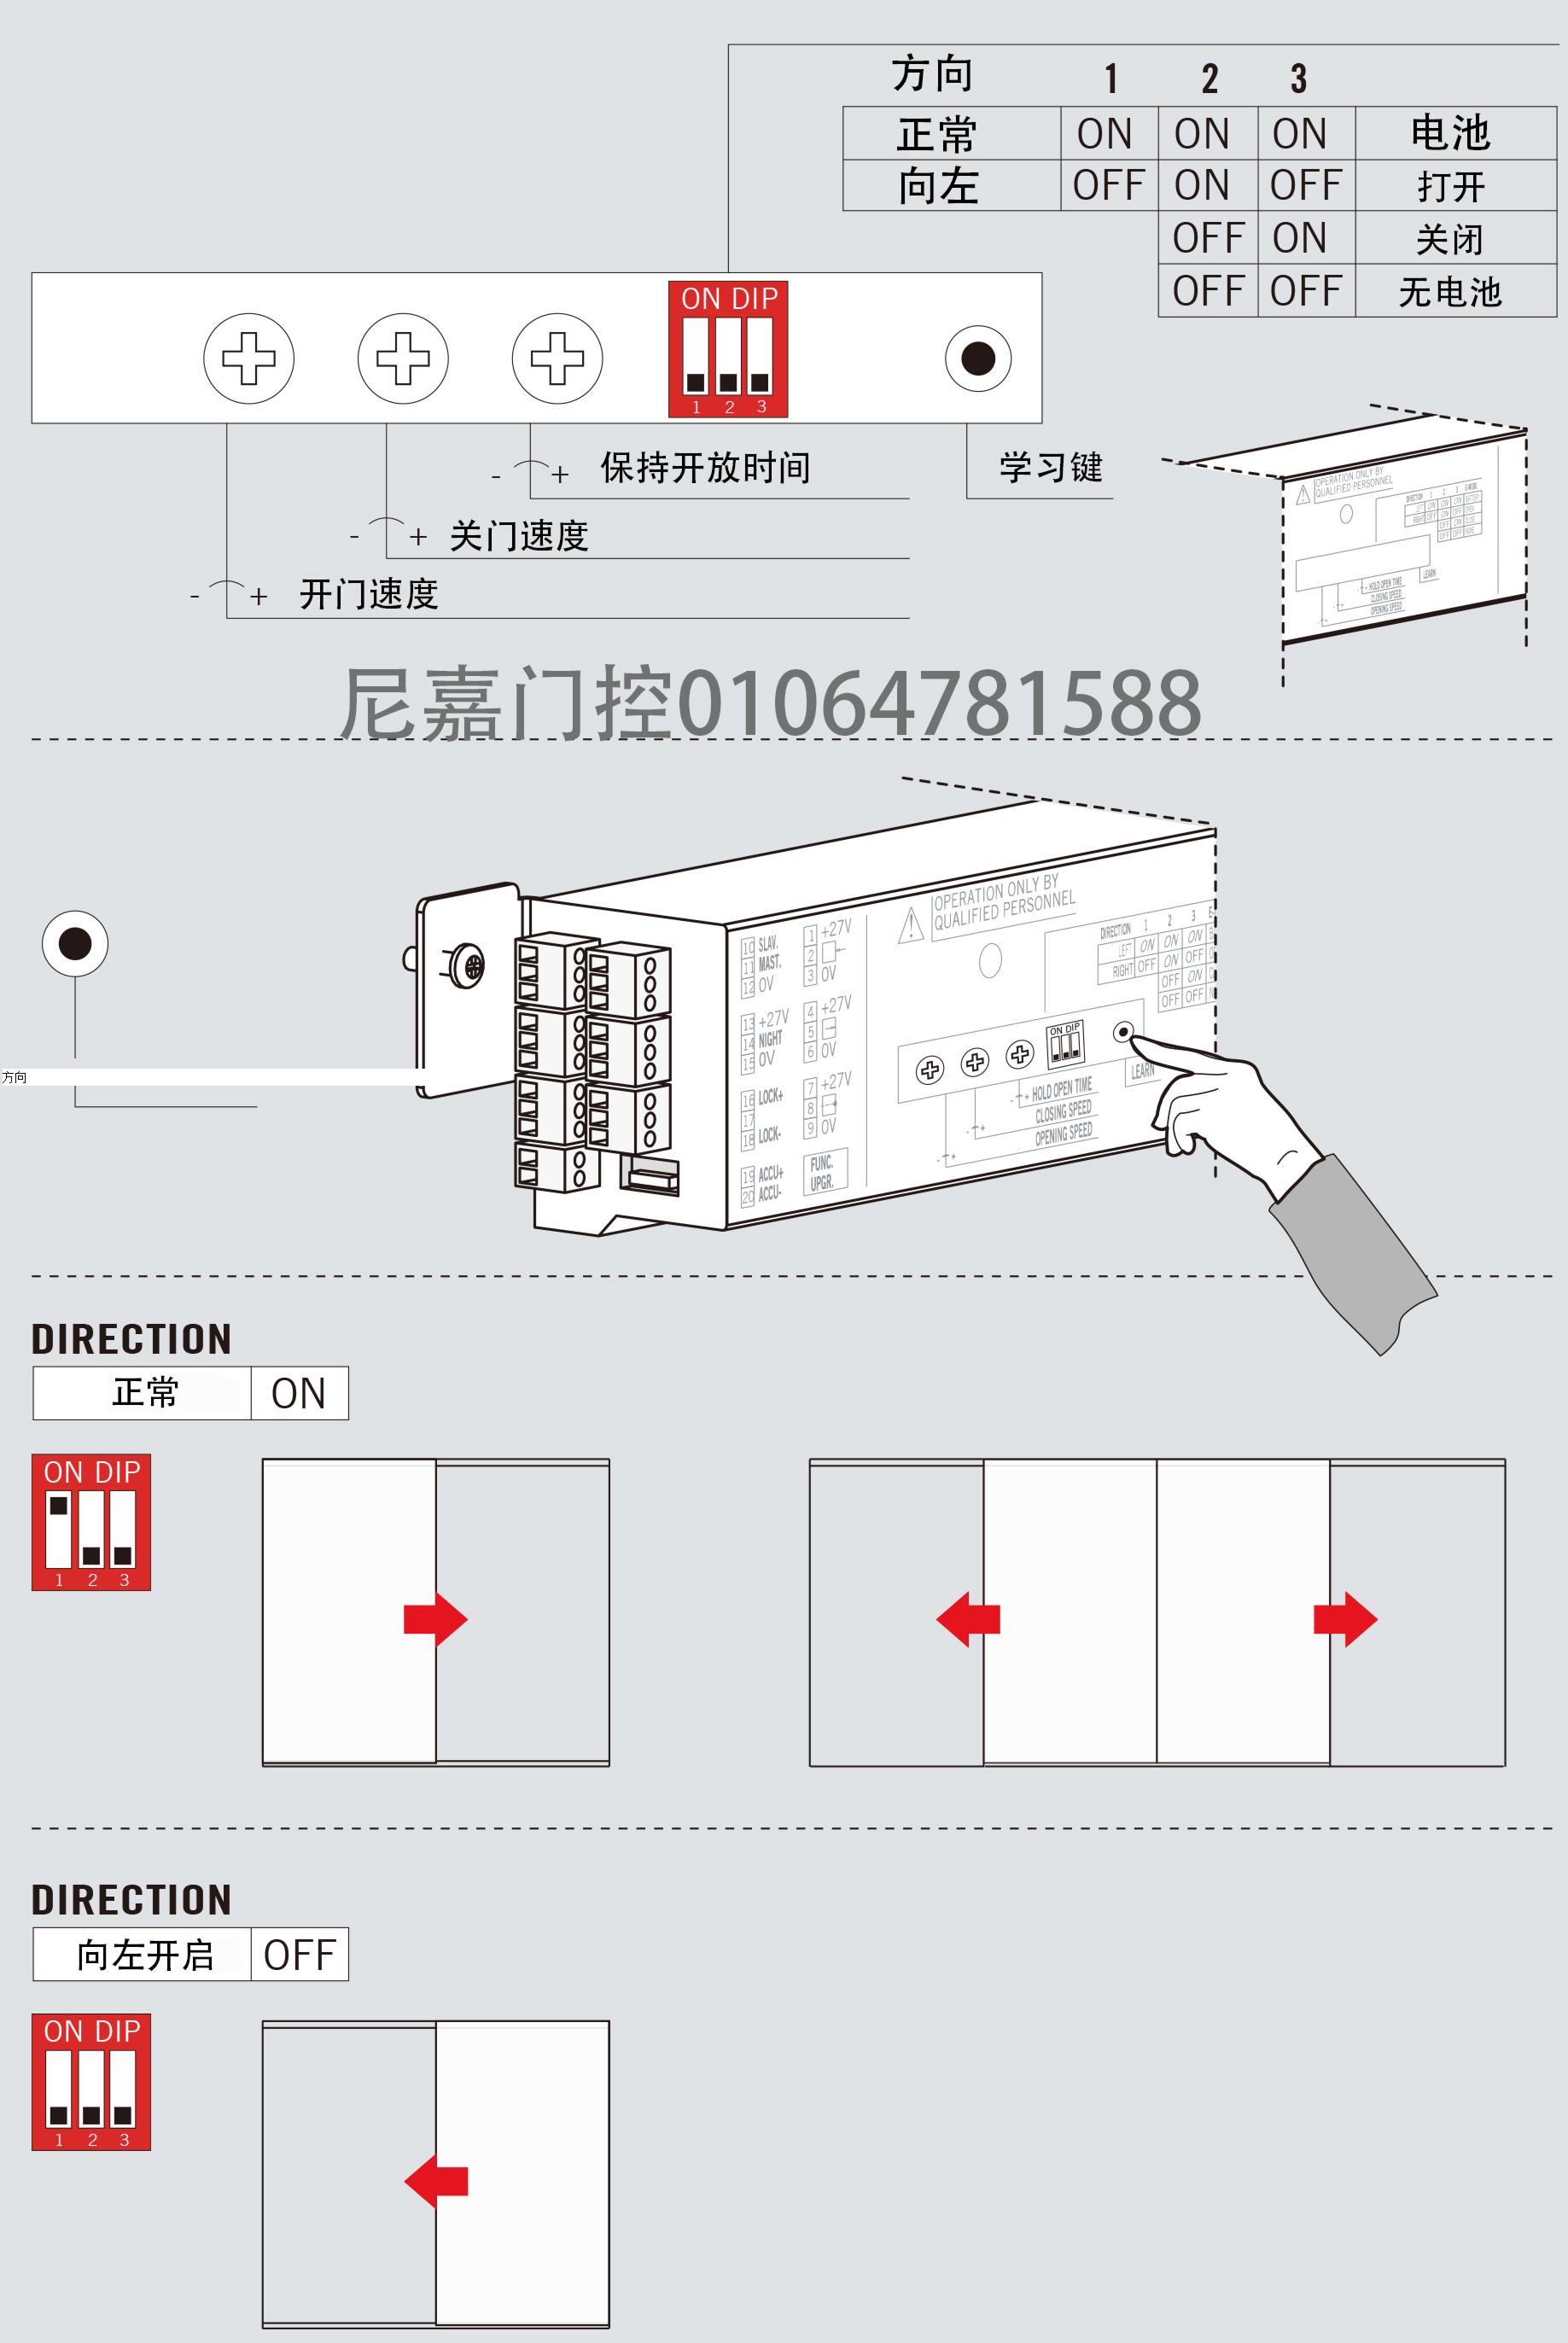 多玛ES68自动门中文说明书,最重要的部分